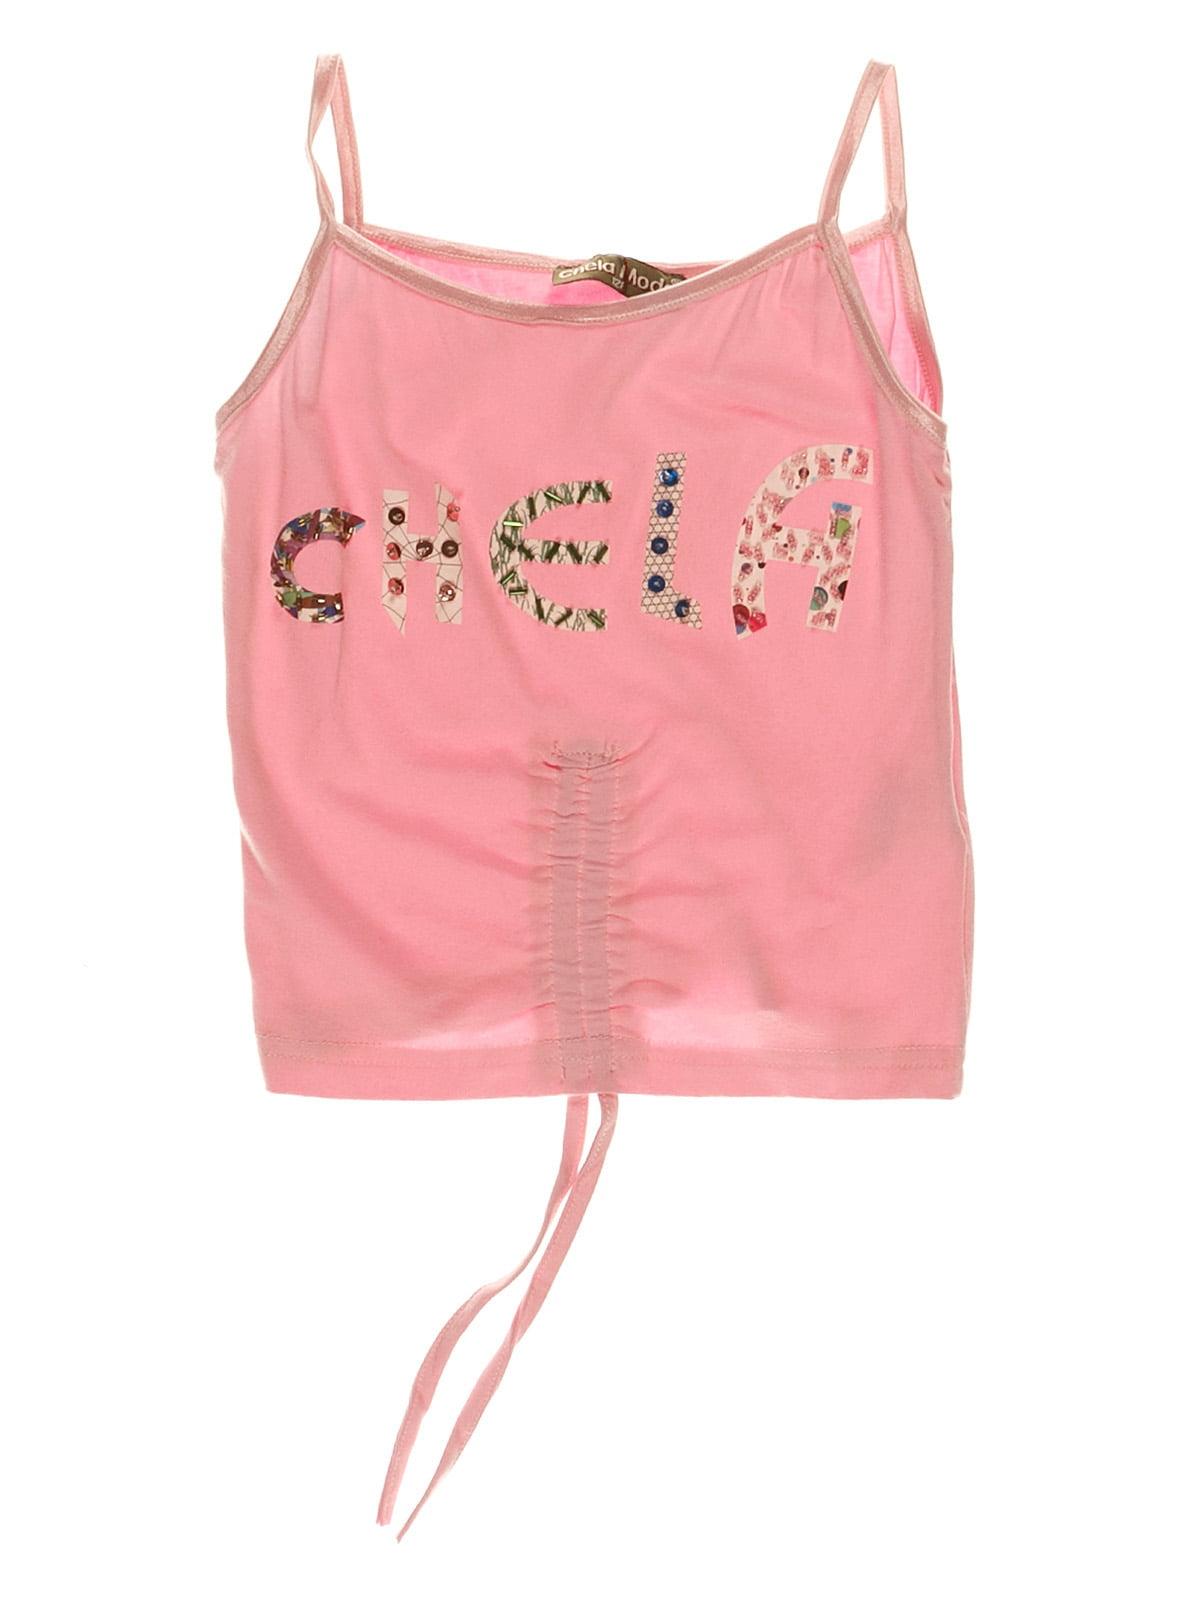 Топ рожевий з принтом | 3168433